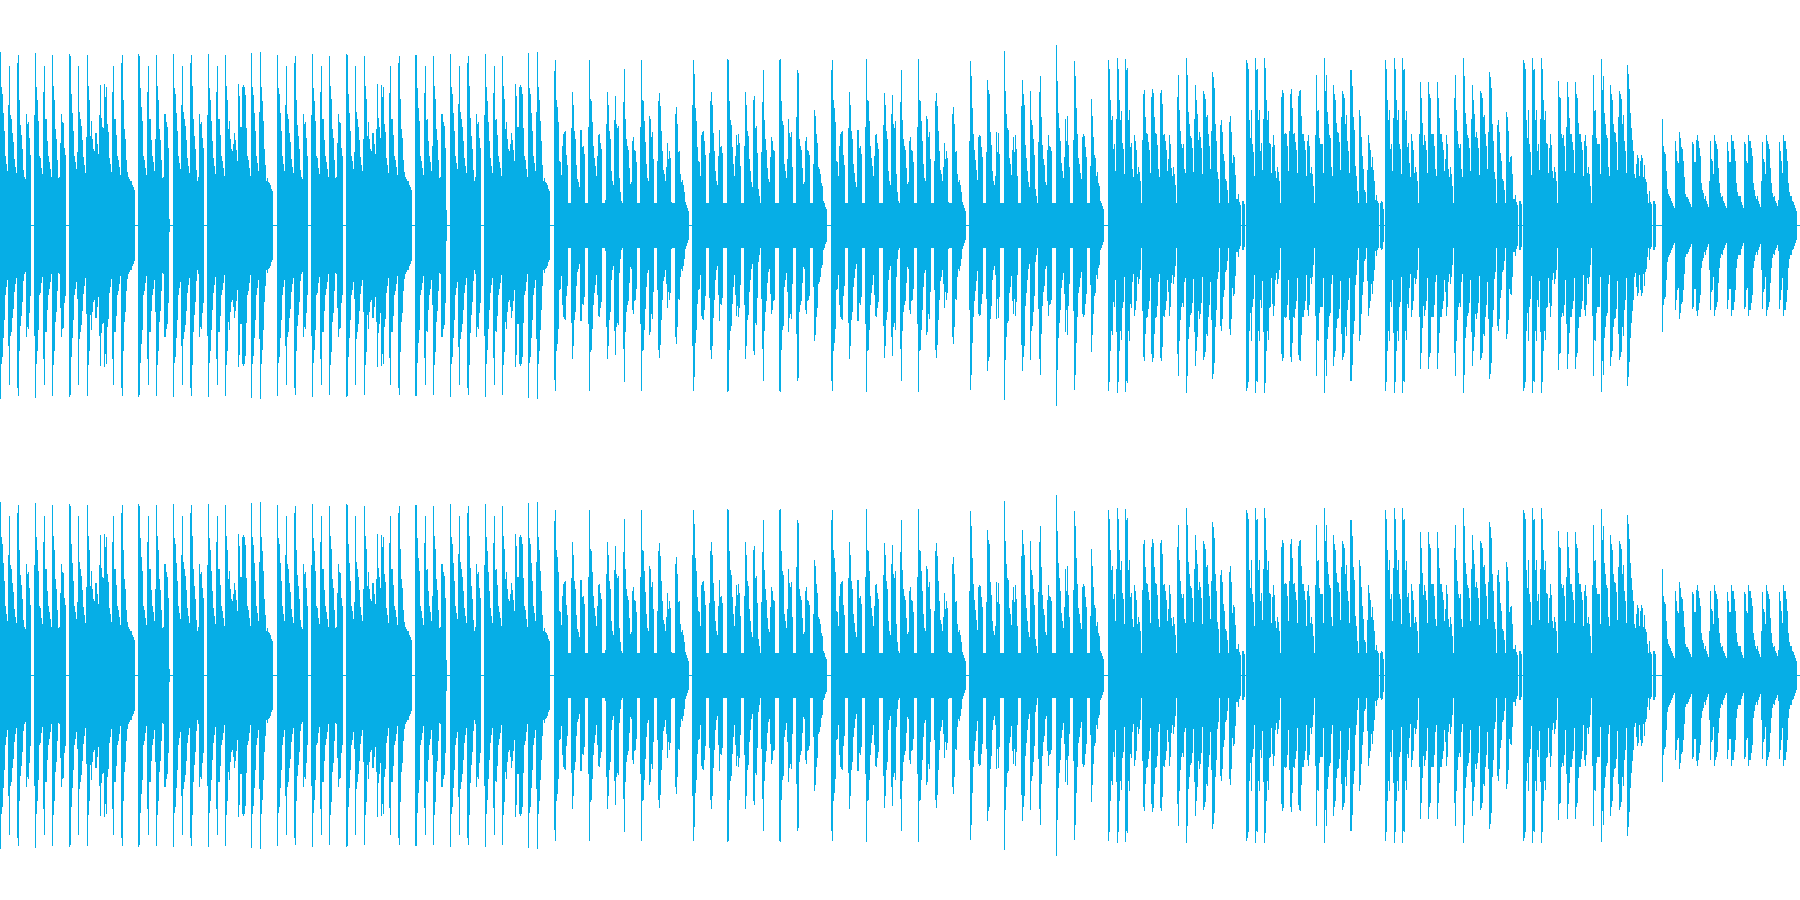 ダンディ、クールなレトロゲーム風バラードの再生済みの波形